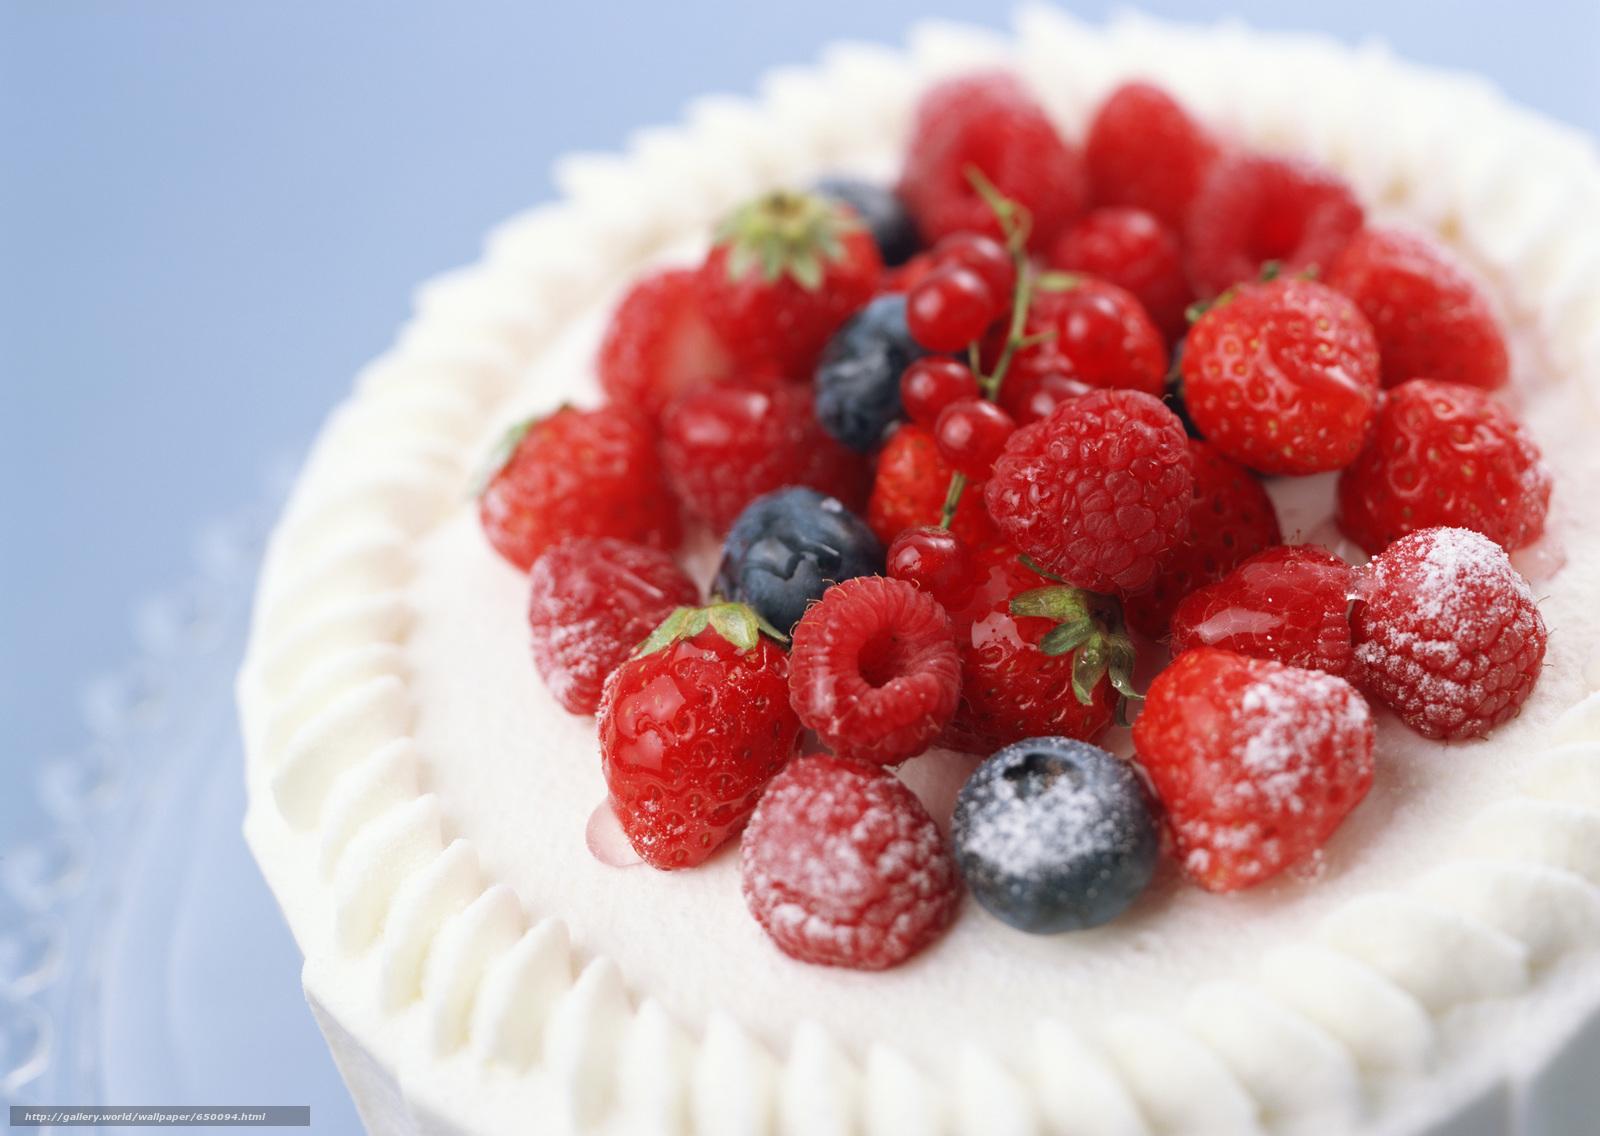 Скачать обои ягоды,  малина,  черника,  клубника бесплатно для рабочего стола в разрешении 2950x2094 — картинка №650094